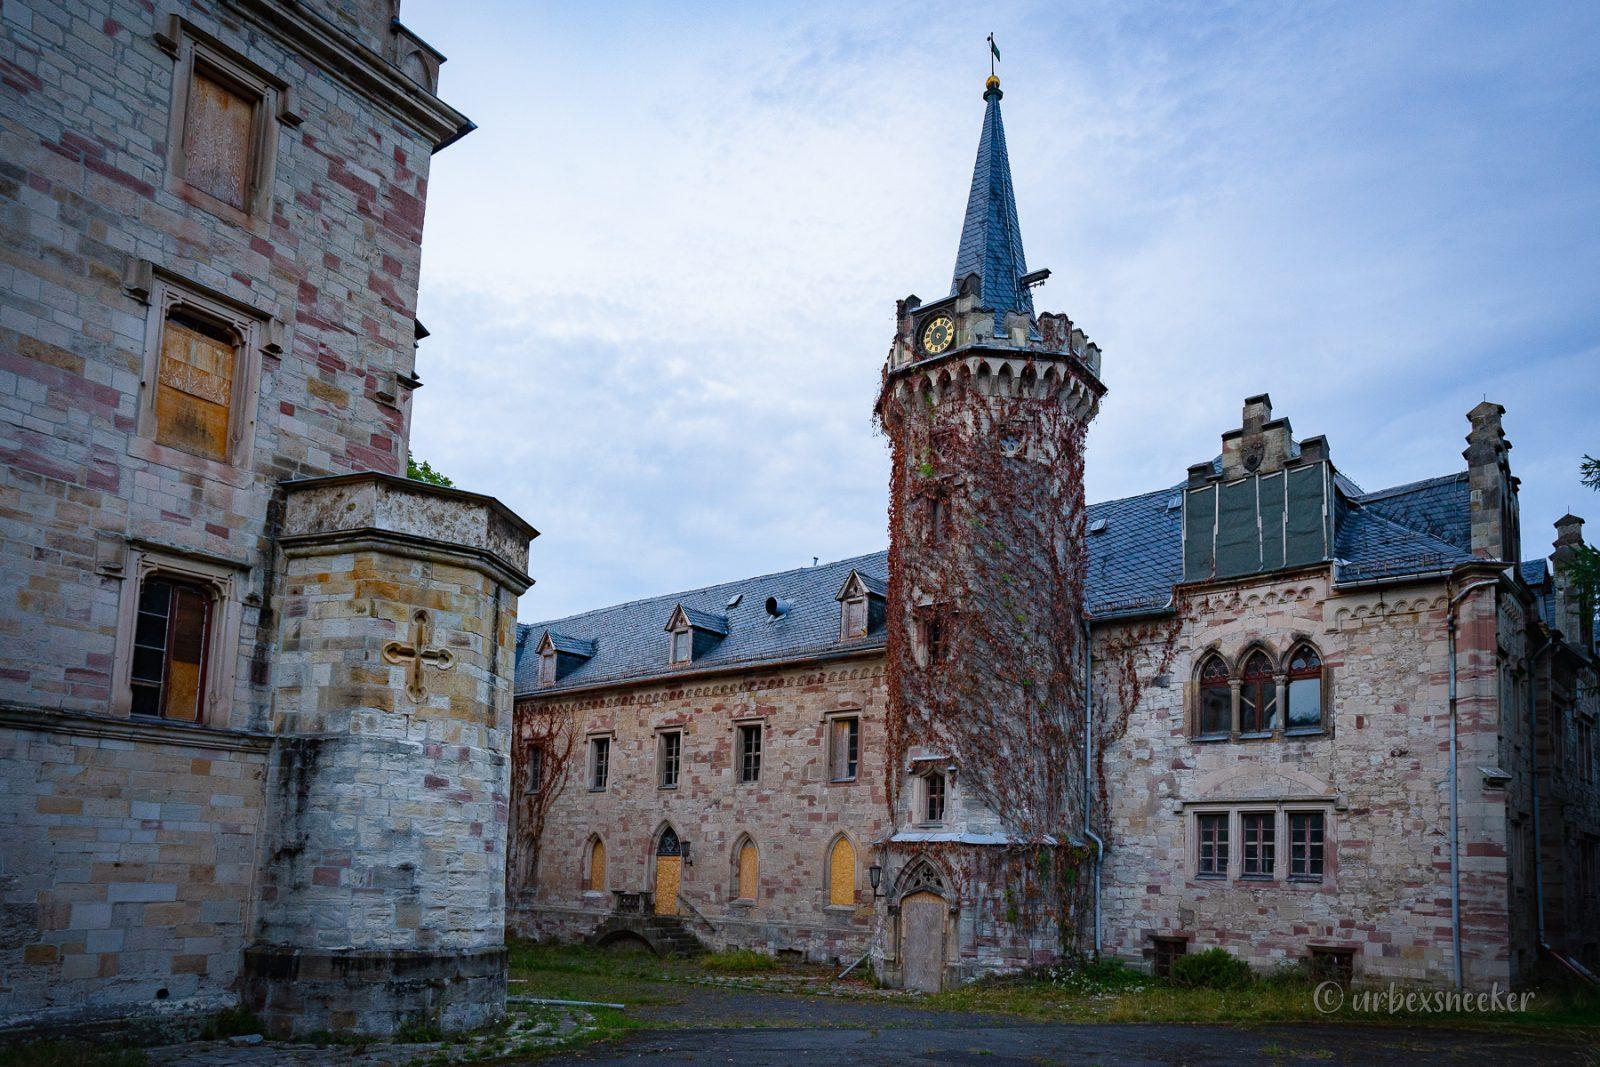 Das verlassene Schloss von Rapunzel